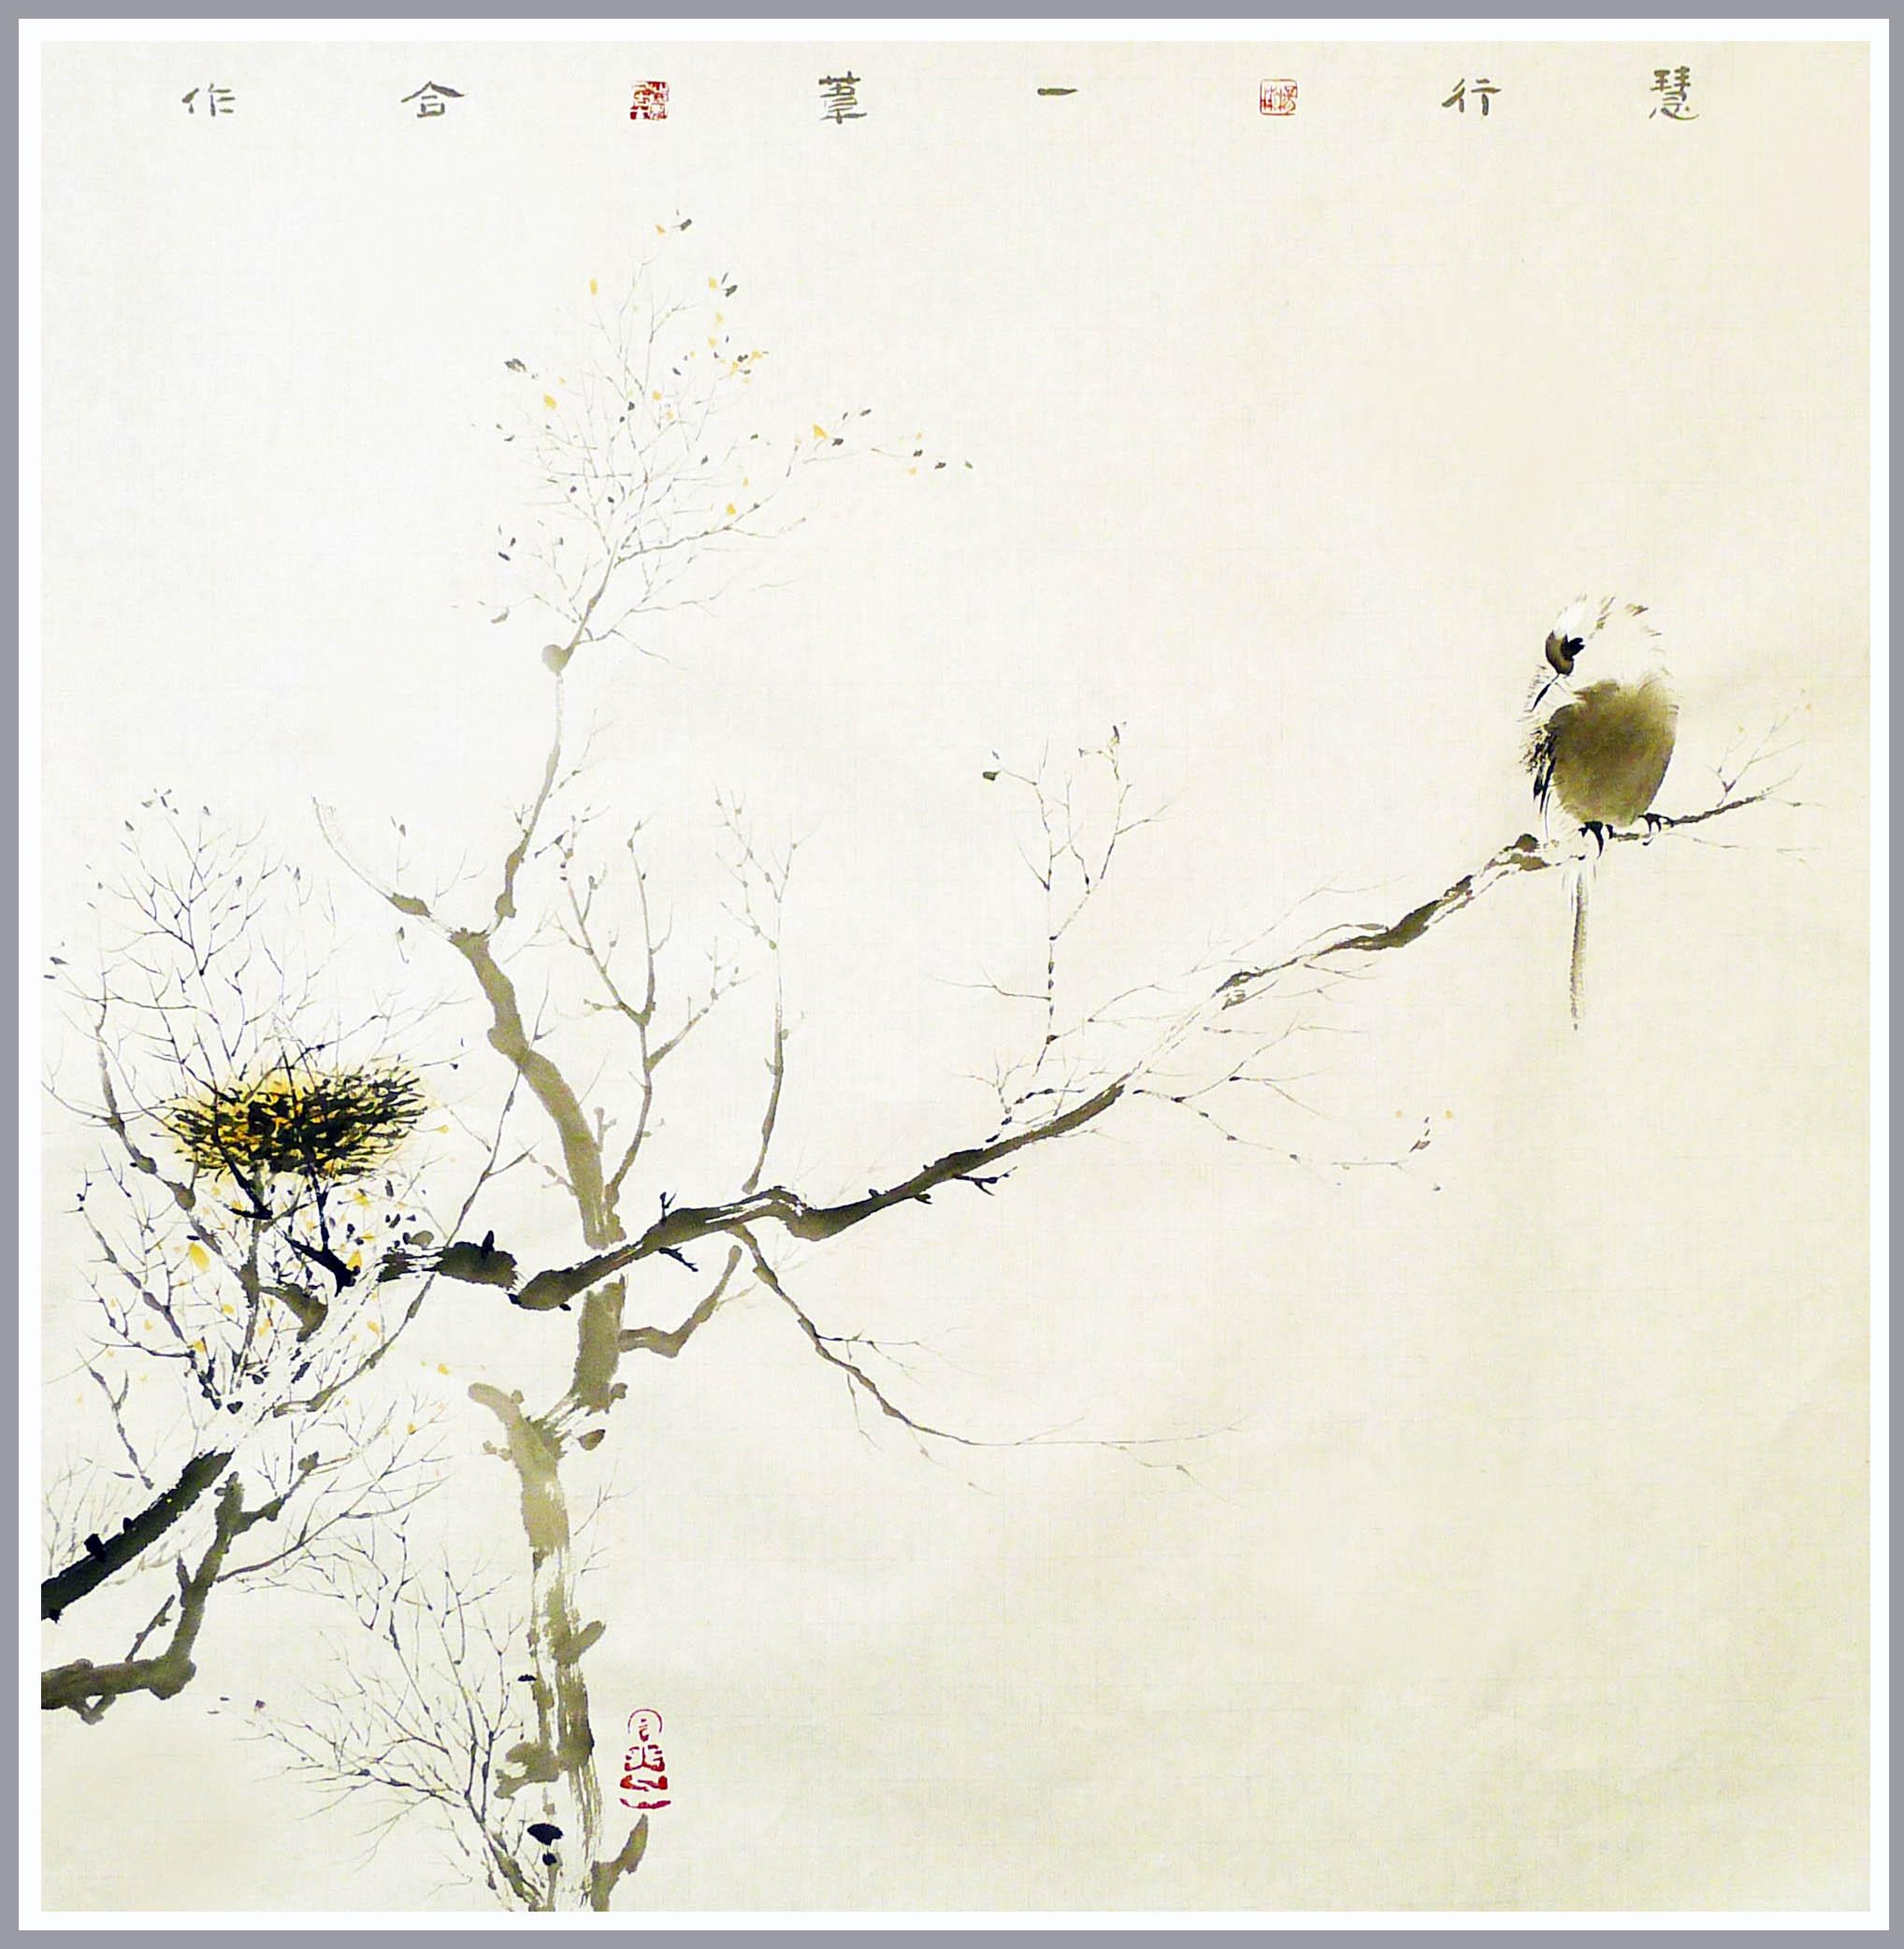 慧行画树、一苇写鸟——沐春图(壬辰谷雨于上谷融园)